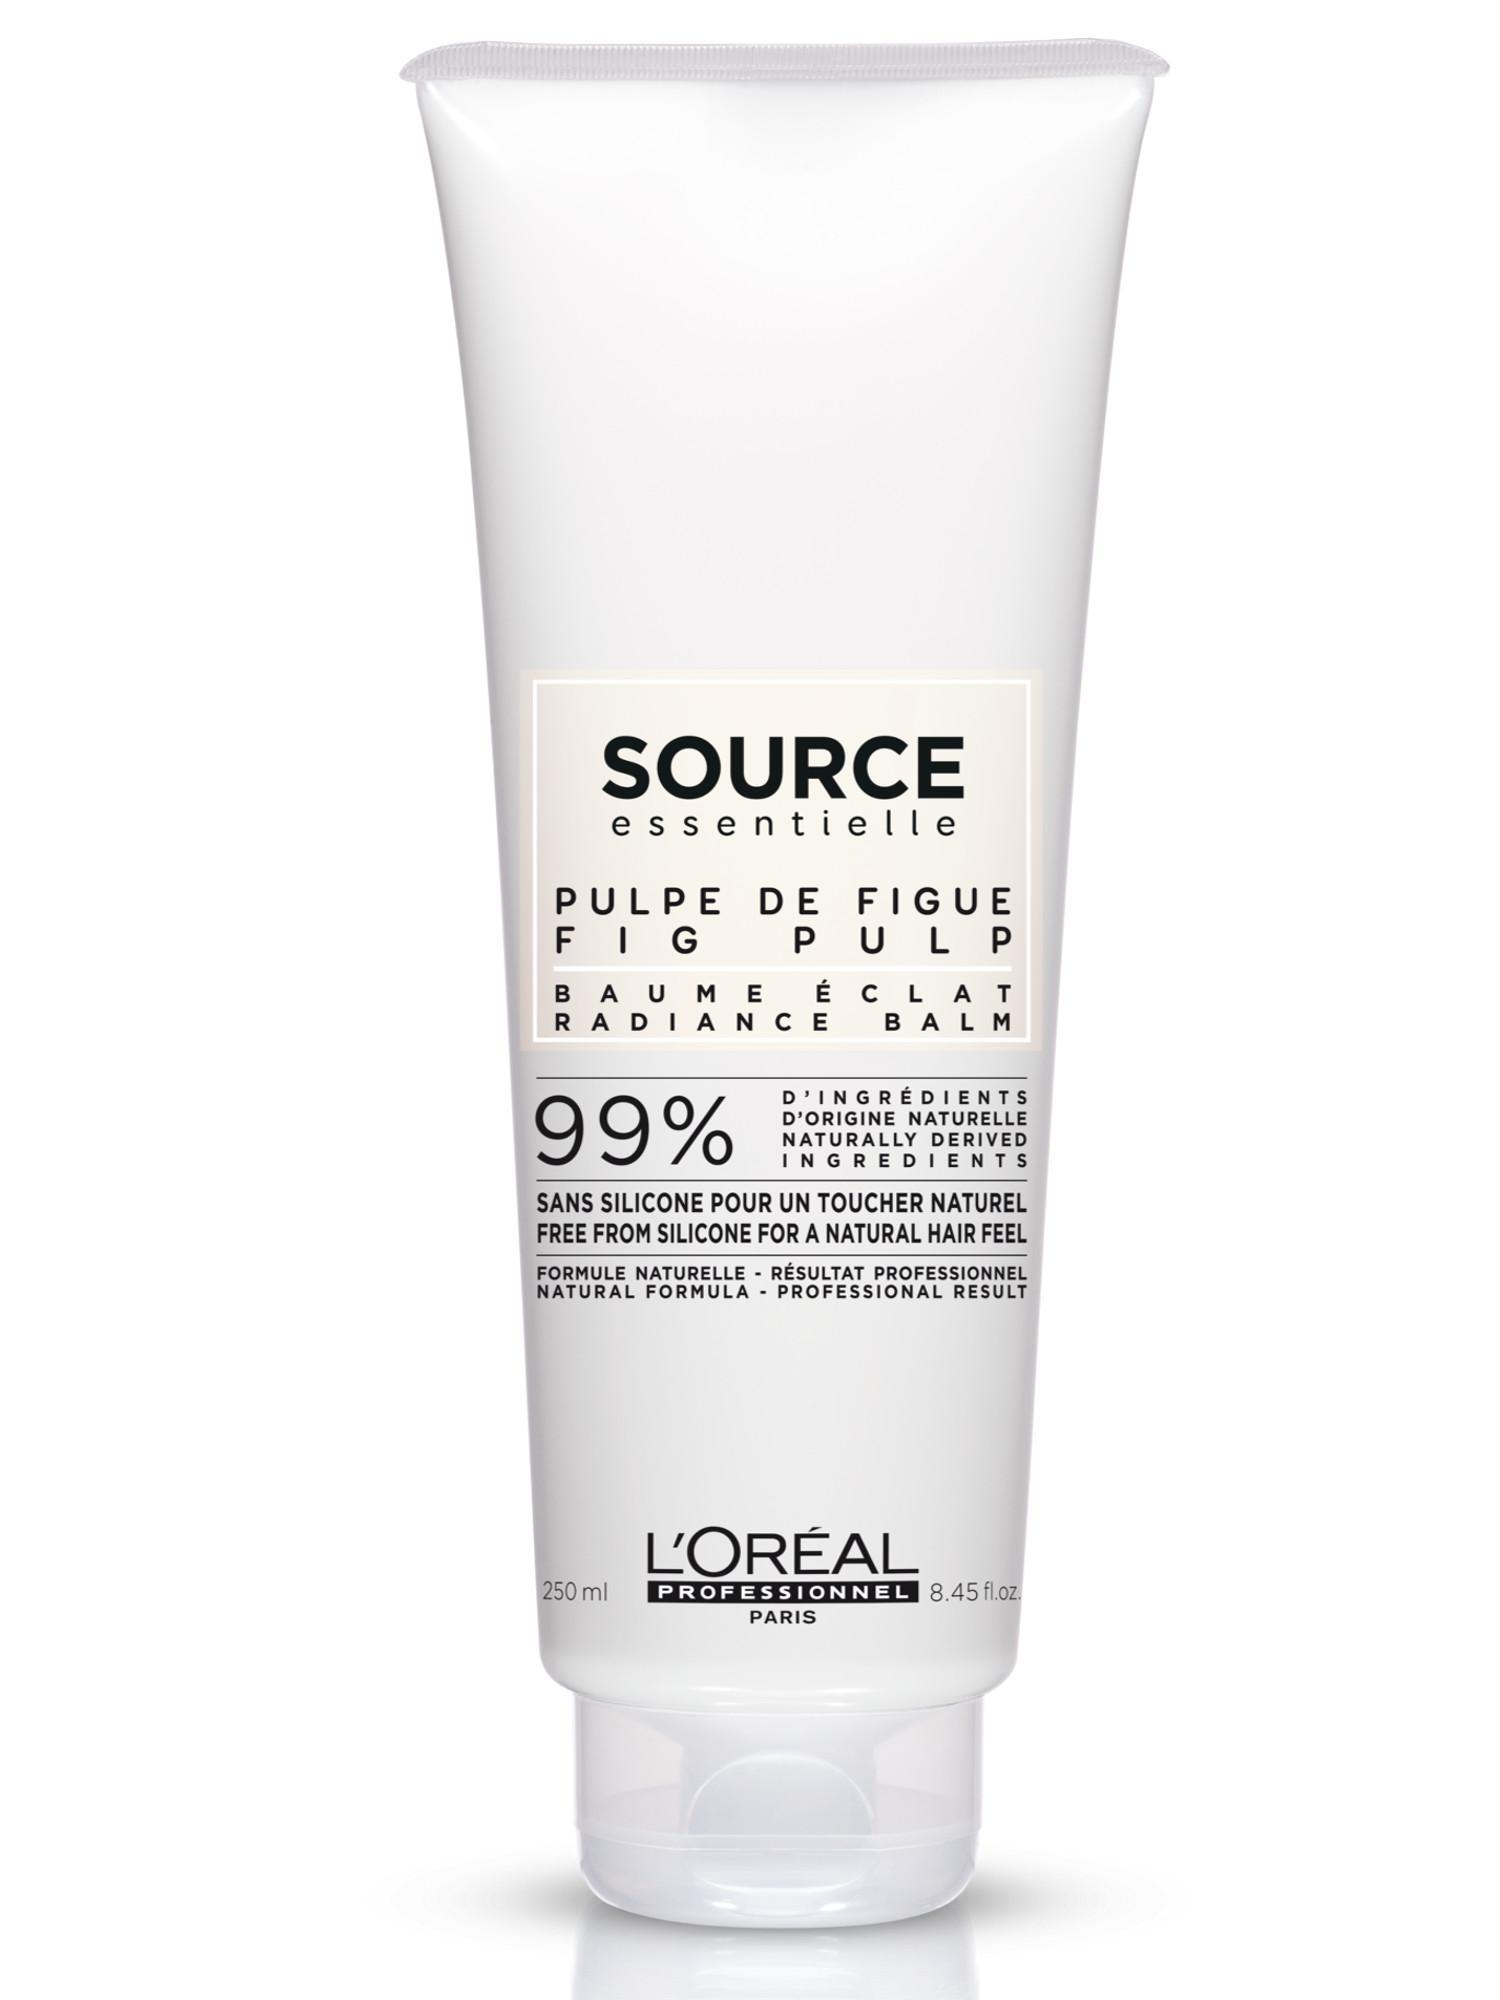 Veganská maska pro barvené vlasy Loréal Source Radiance - 250 ml + DÁREK ZDARMA